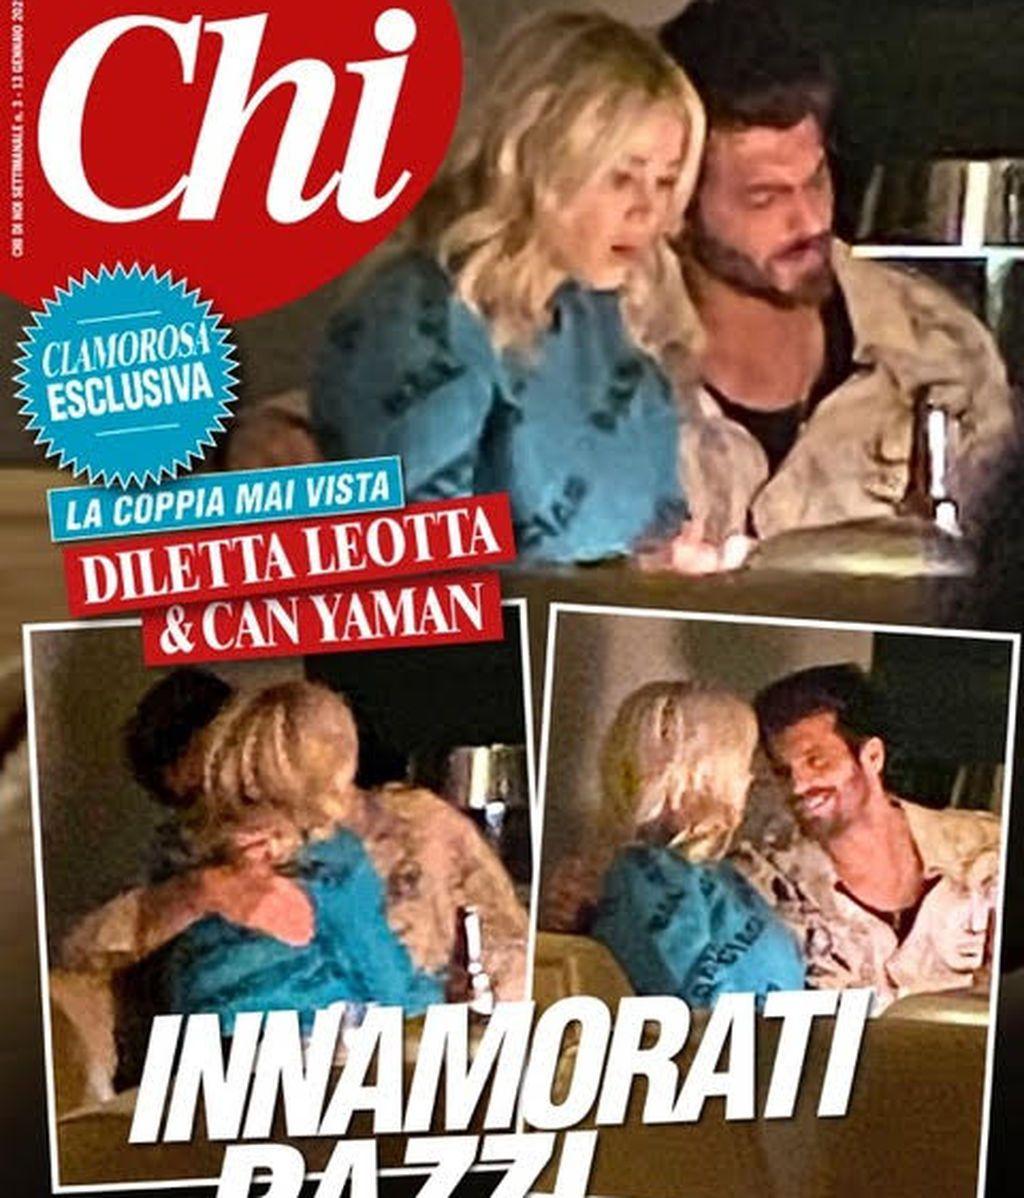 Can Yaman y Diletta Leotta, en Chi